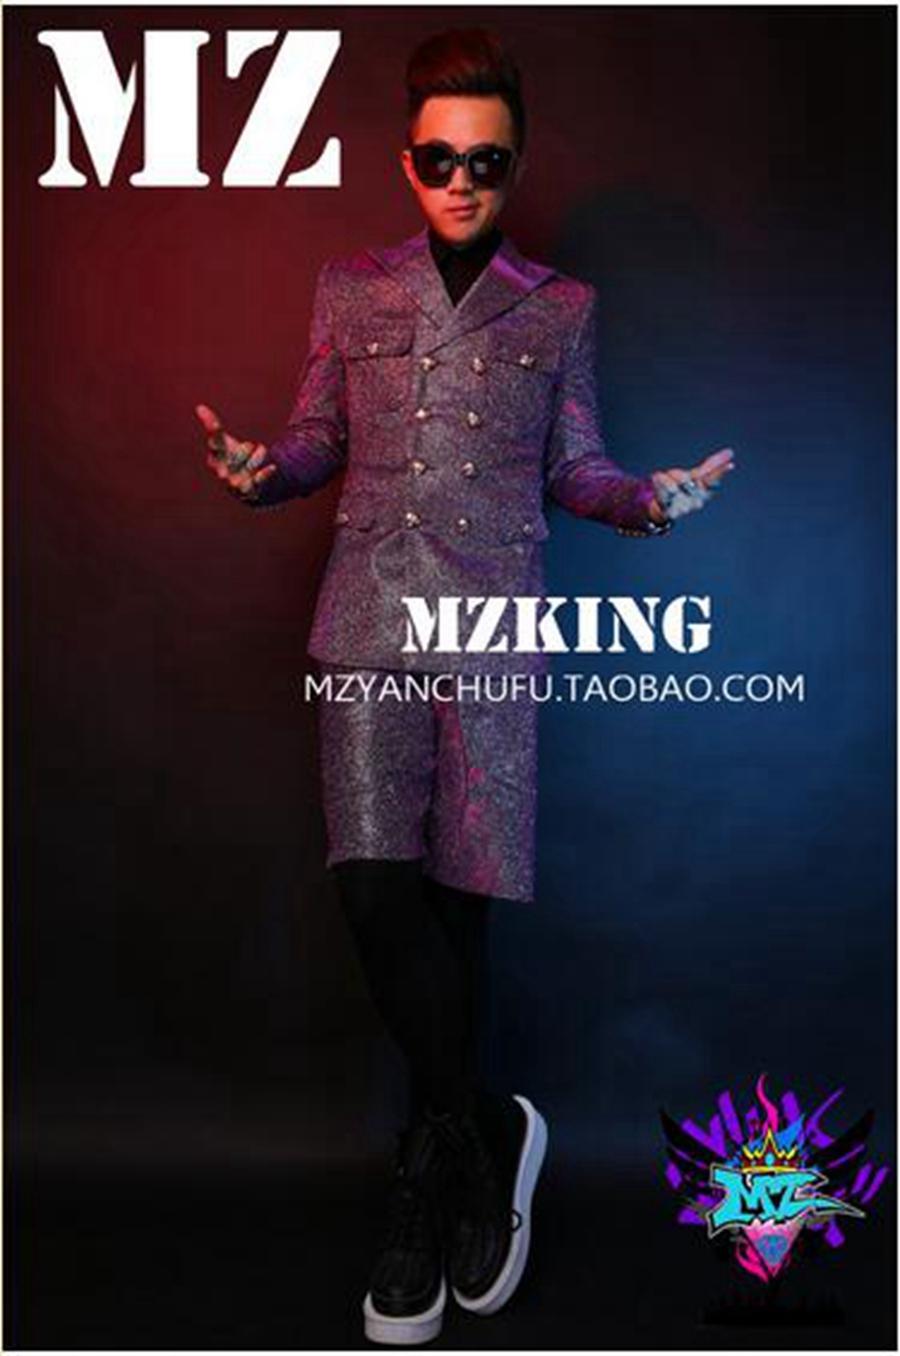 유럽의 남자 가수 클럽과 활주로가 그라디언트 플래시 파우더를보고, 도덕적 복장을 기릅니다. S - 6 xl